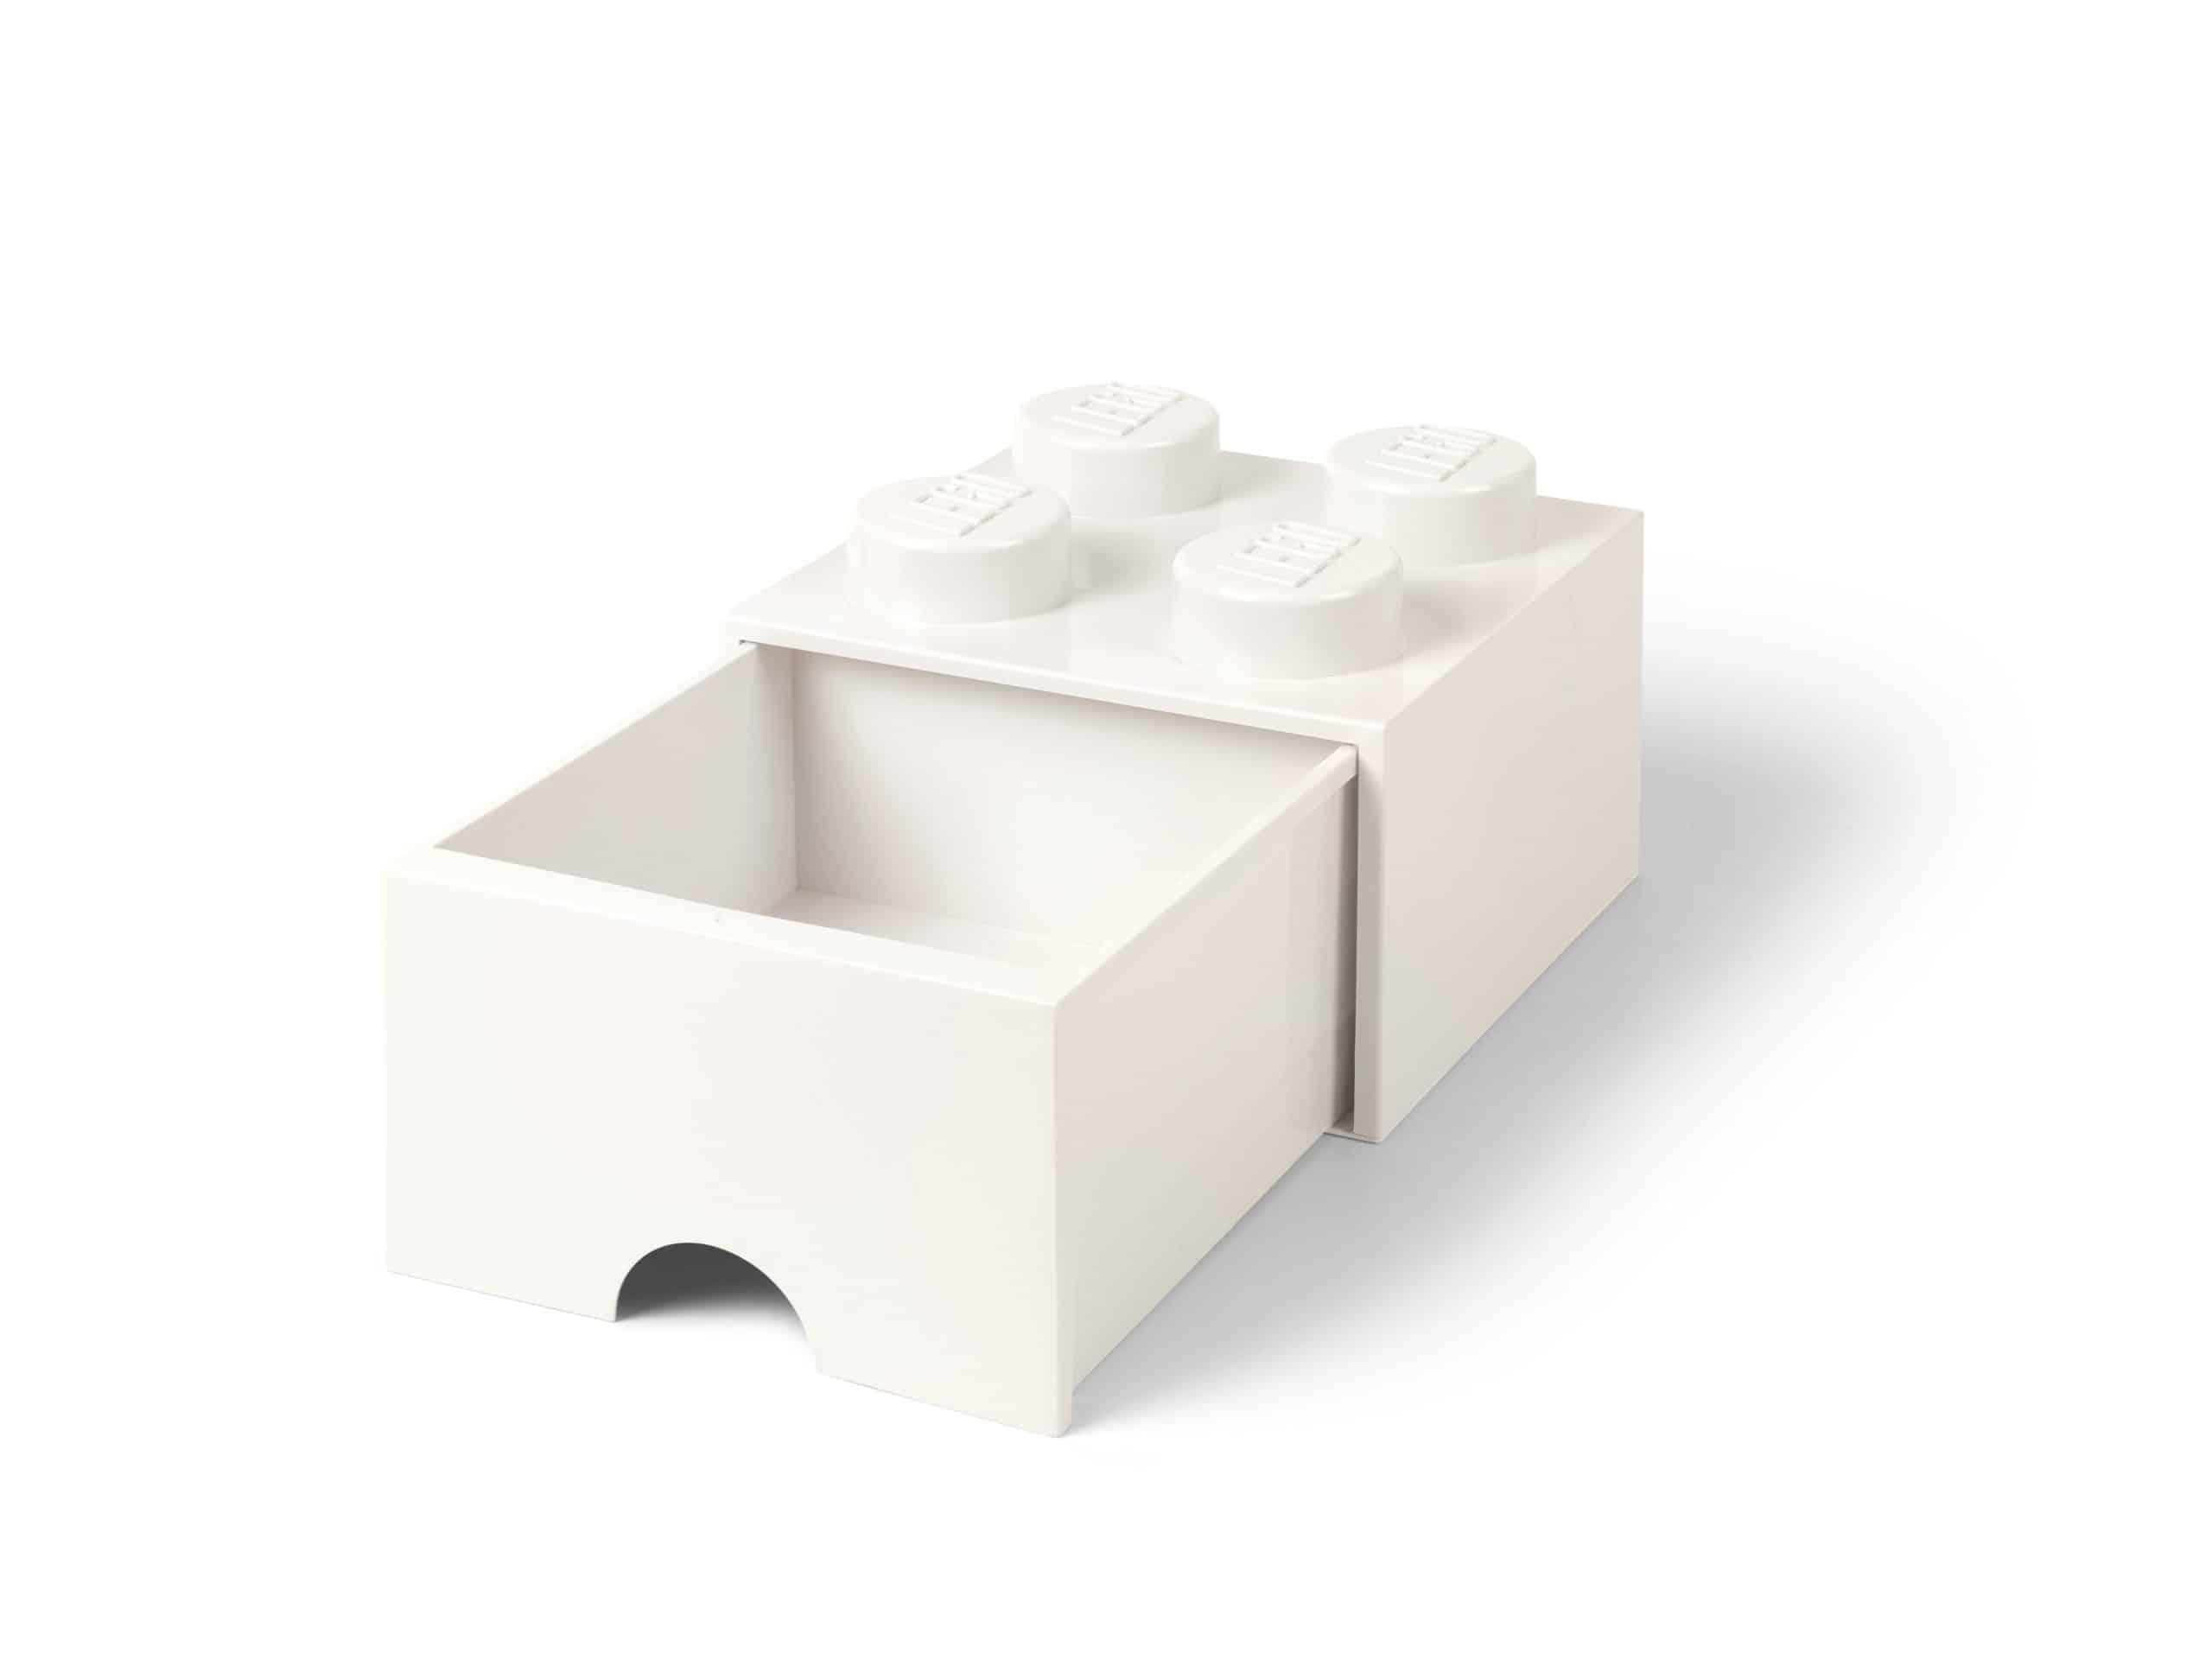 witte lego opbergsteen met 4 noppen en een lade 5006208 scaled